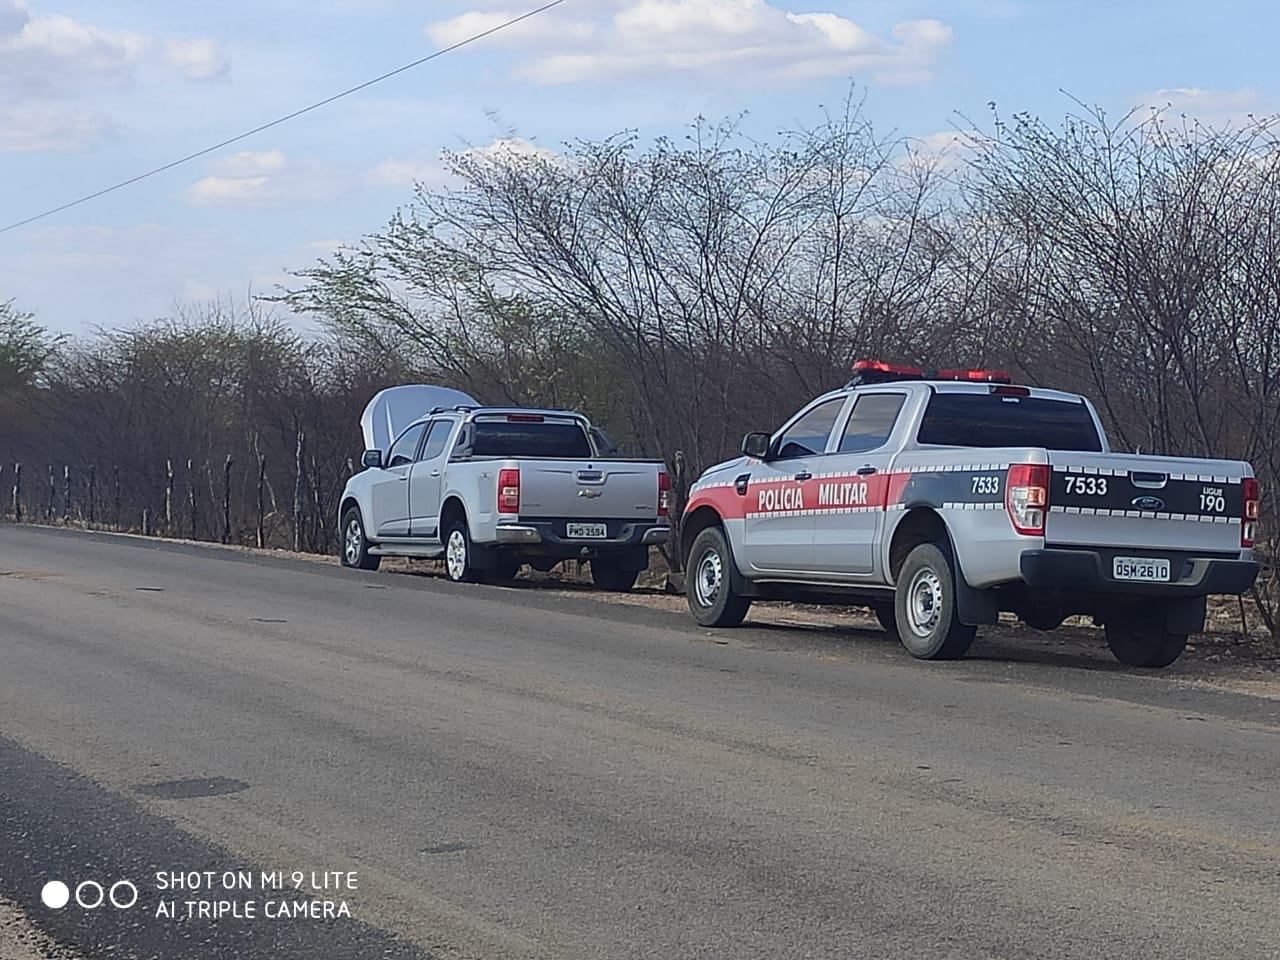 POLÍCIA MILITAR RECUPERA MAIS UM VEÍCULO COM QUEIXA DE ROUBO NA ÁREA DO 12° BPM